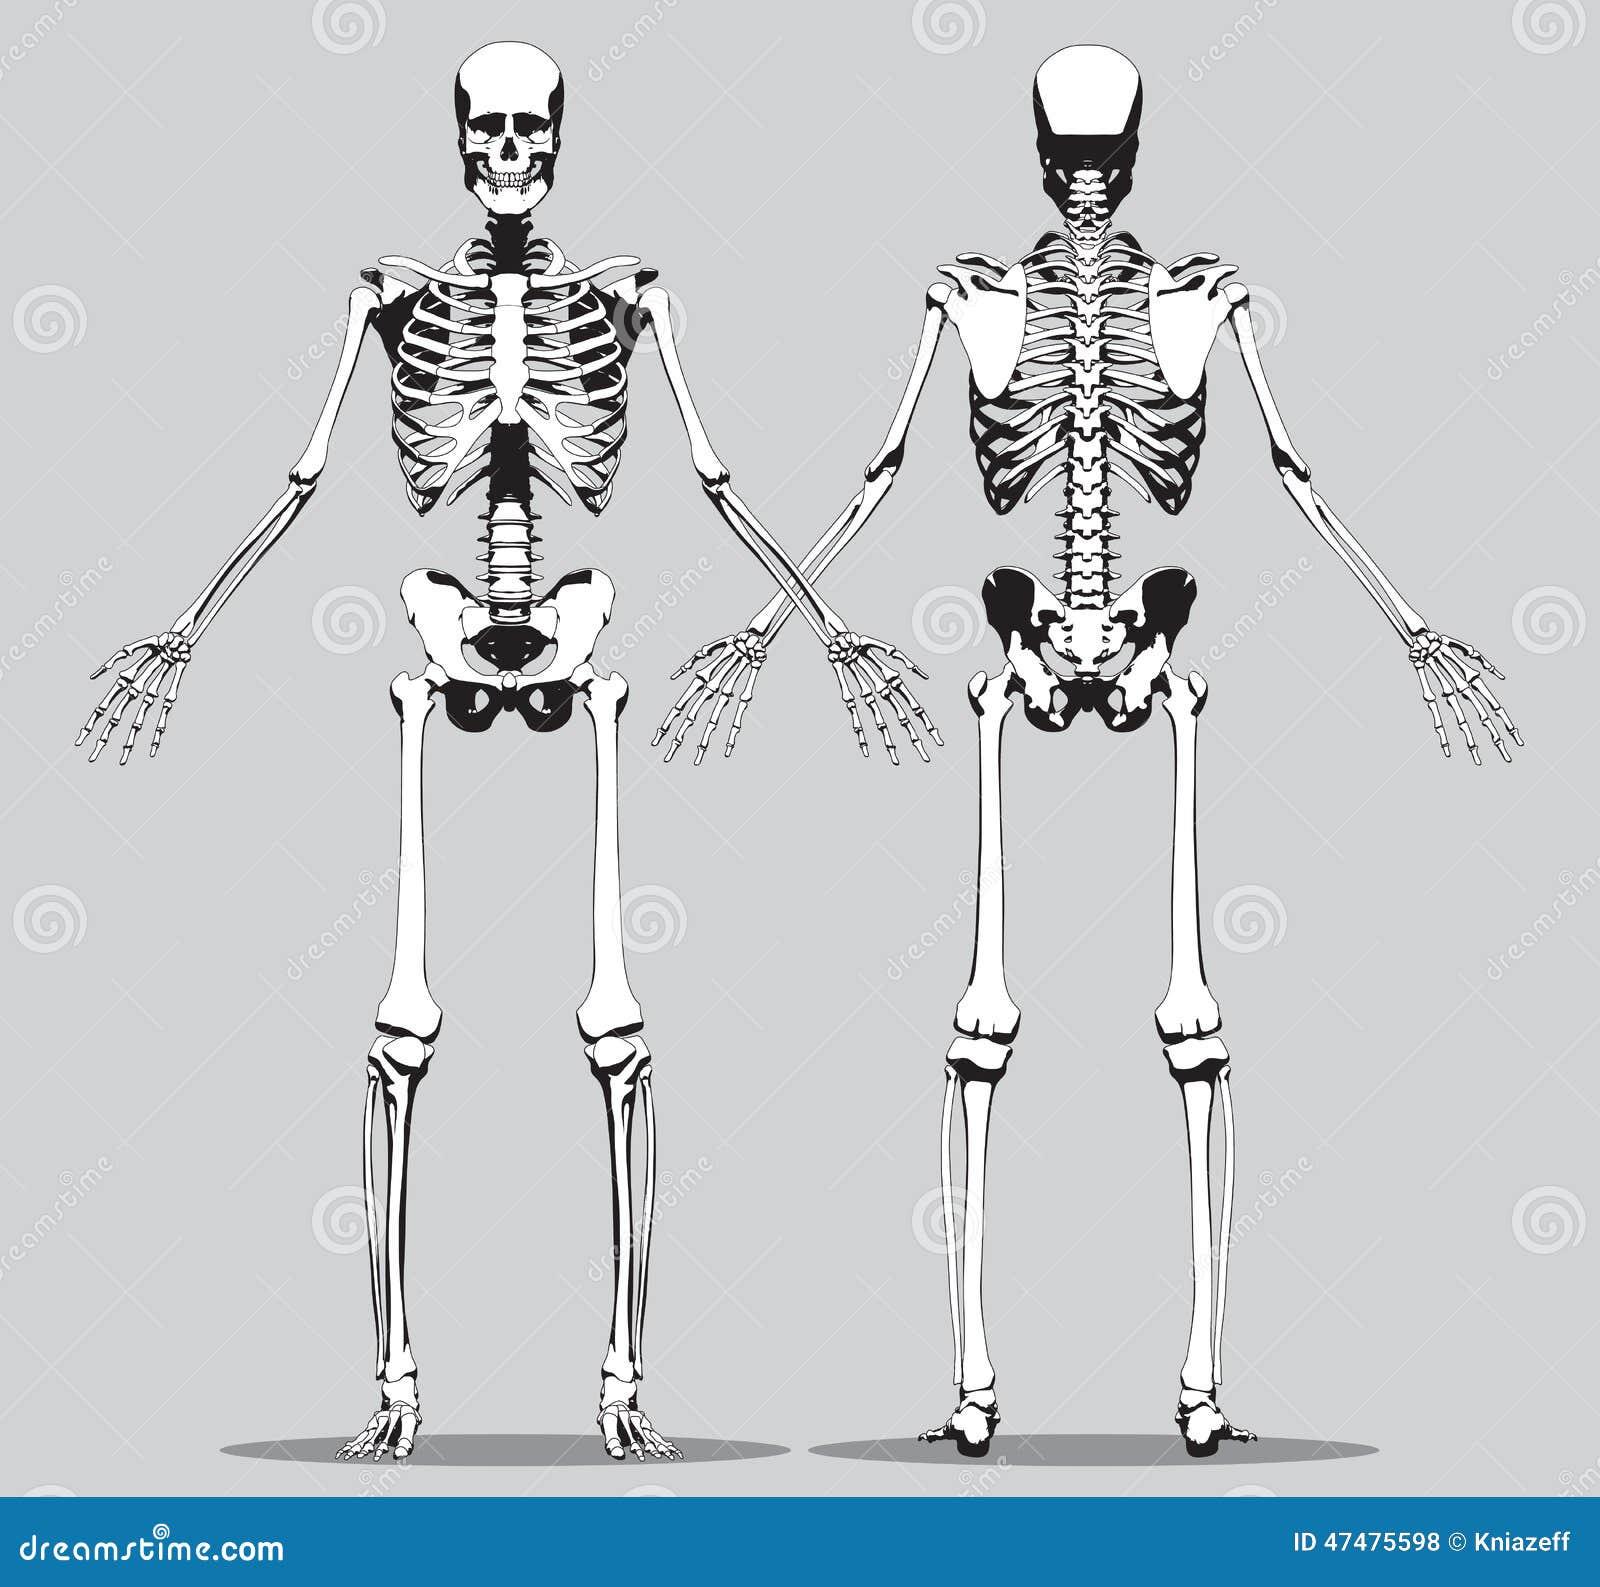 Vordere Und Hintere Ansicht Eines Menschlichen Skeletts Vektor ...